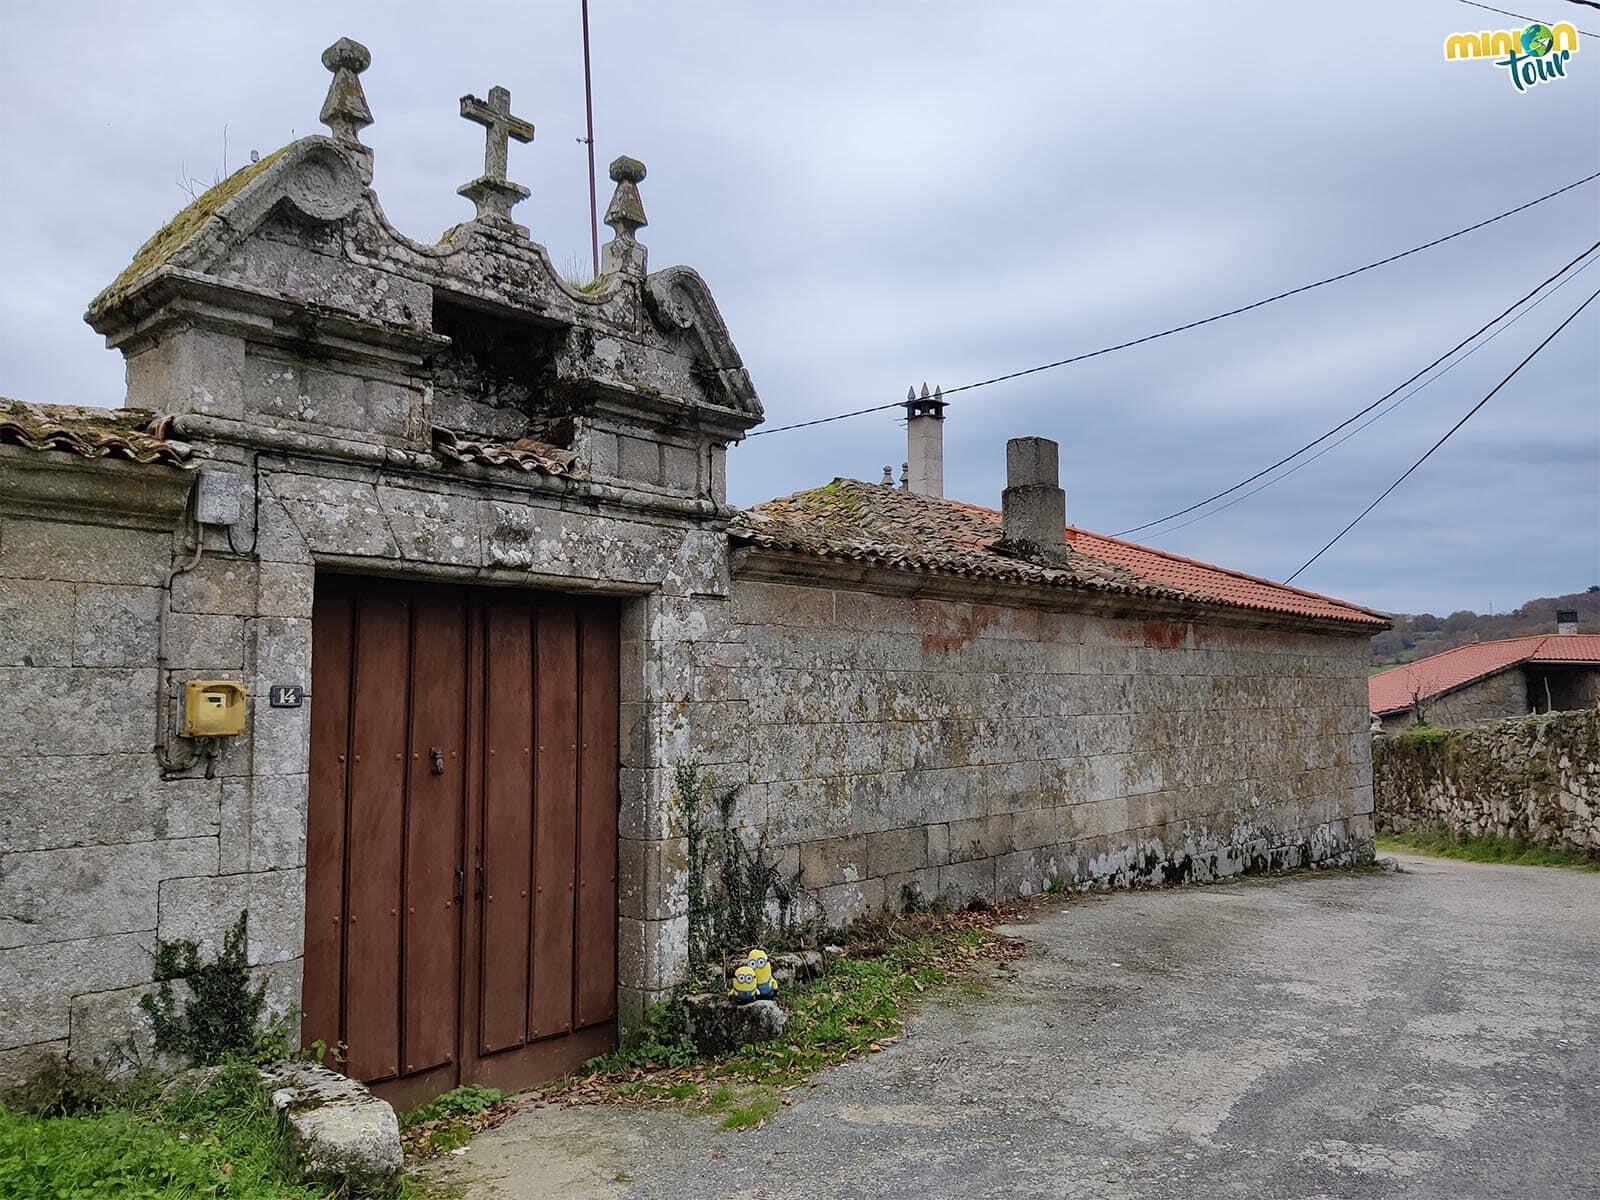 En la ruta al Castro de Candaz nos encontramos con una casa rectoral